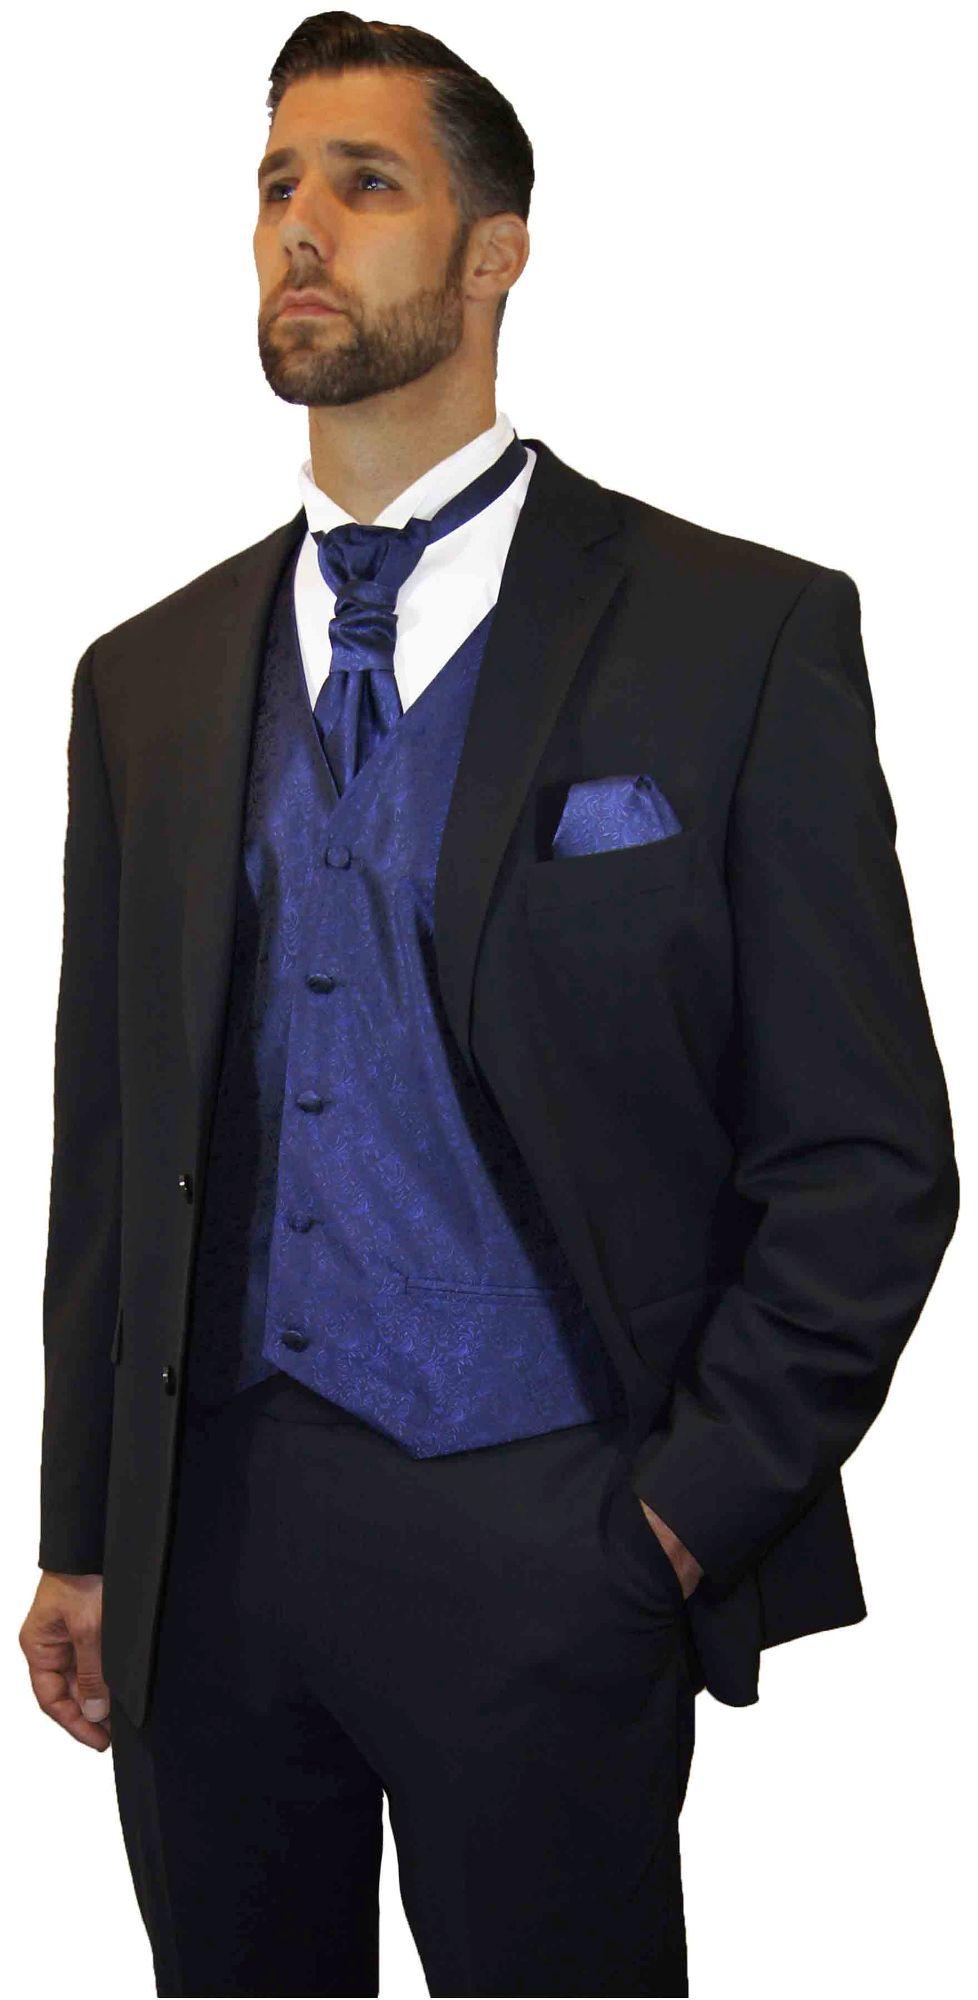 Hochzeitsanzug Schwarz Modern Festliche Weste Blau Gunstig